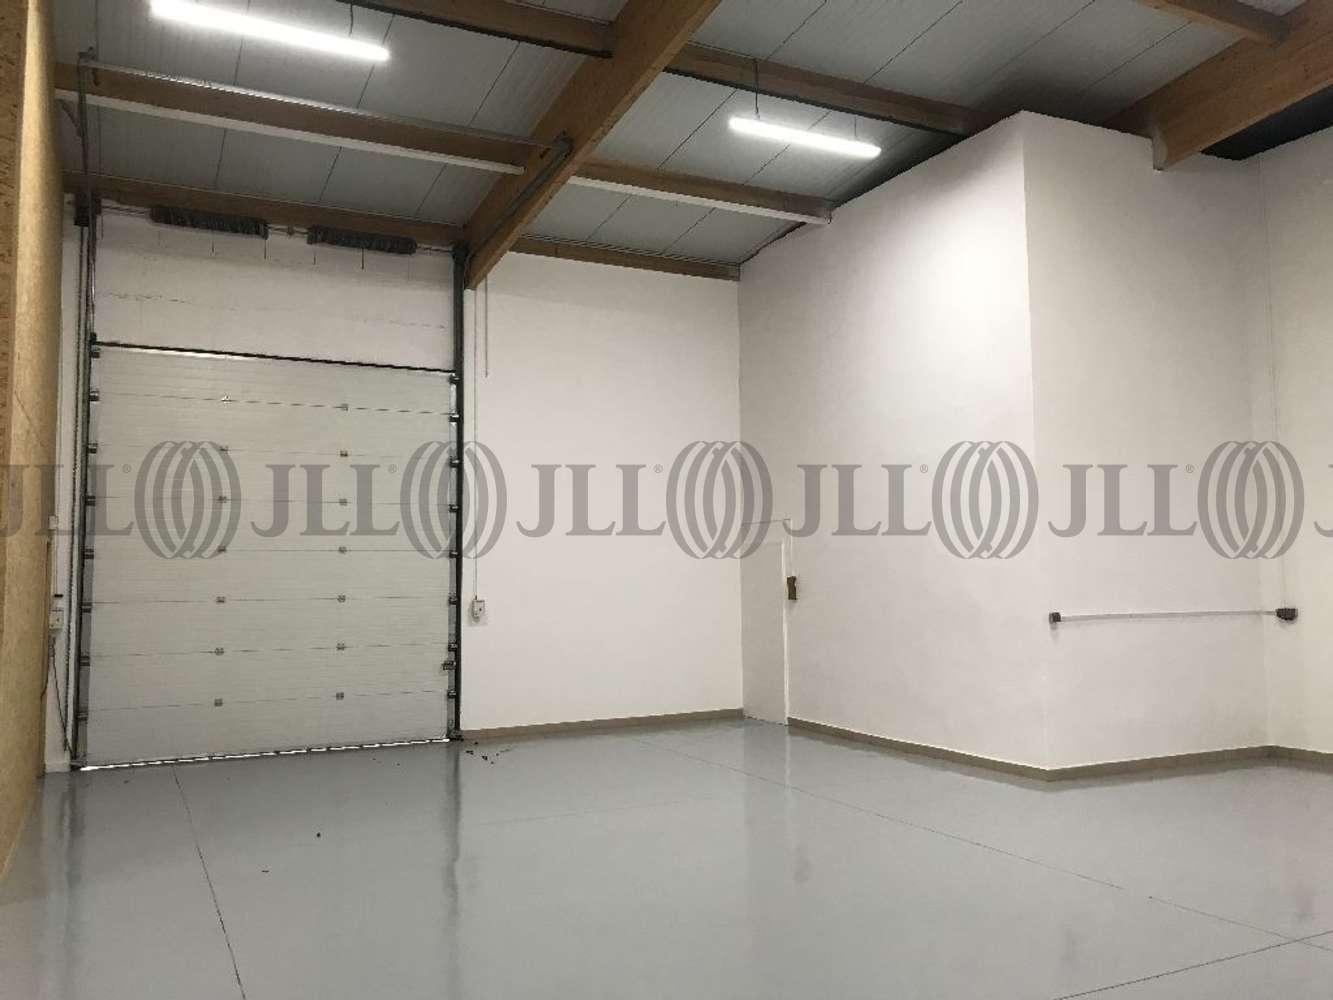 Activités/entrepôt Toussieu, 69780 - LOCAUX D'ACTIVITÉ À LOUER - TOUSSIEU - 10056208